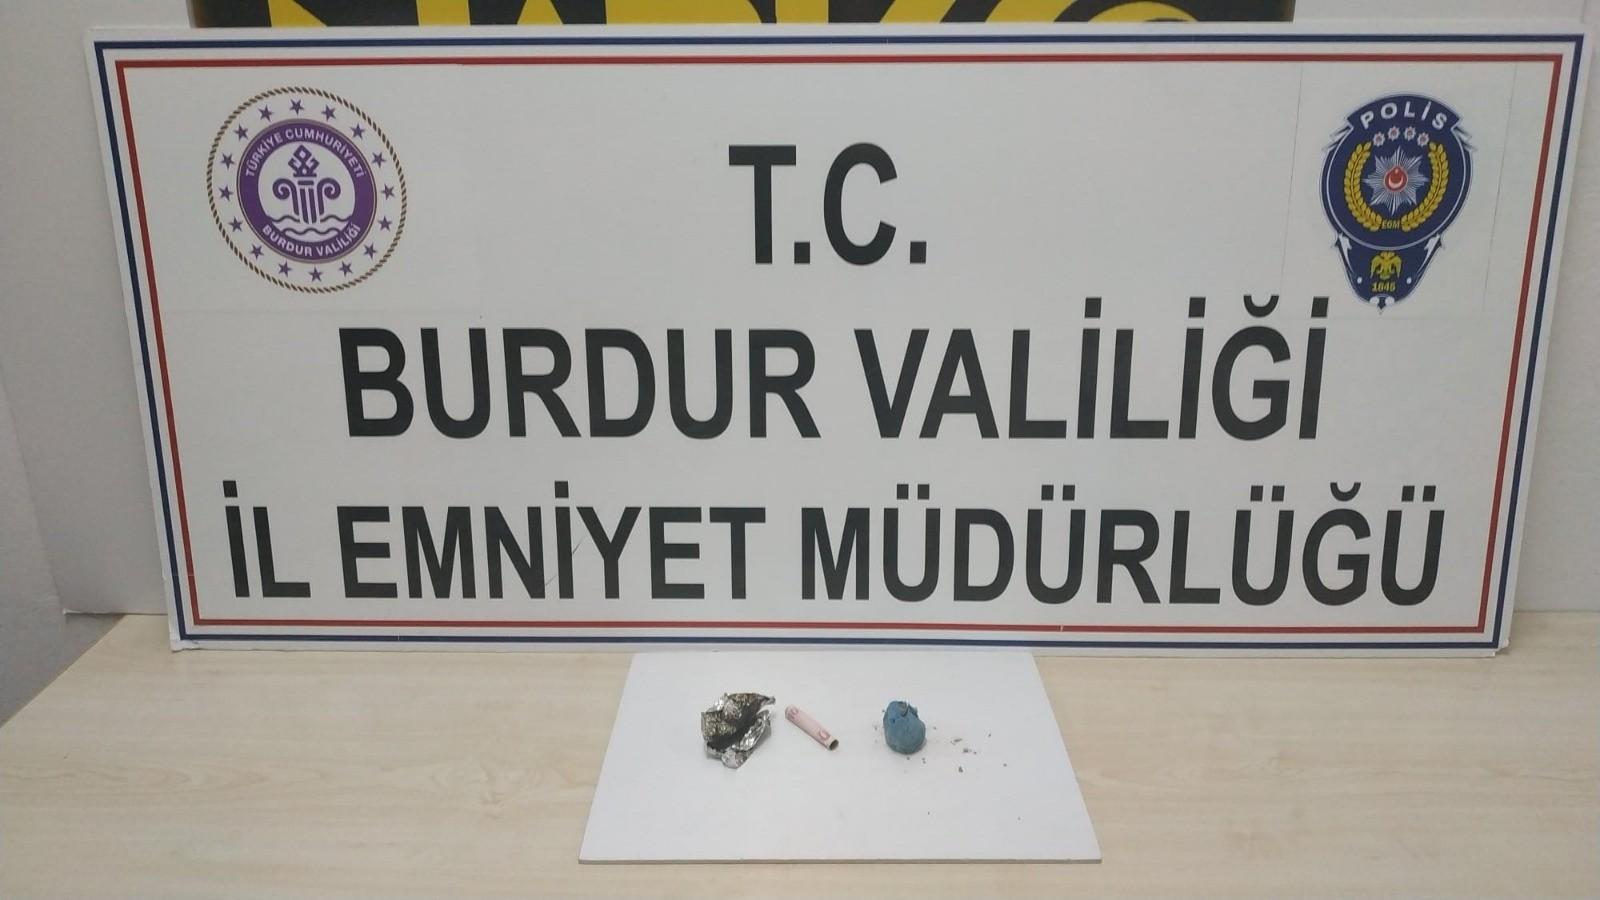 Burdur'da uyuşturucu operasyonuna 1 tutuklama